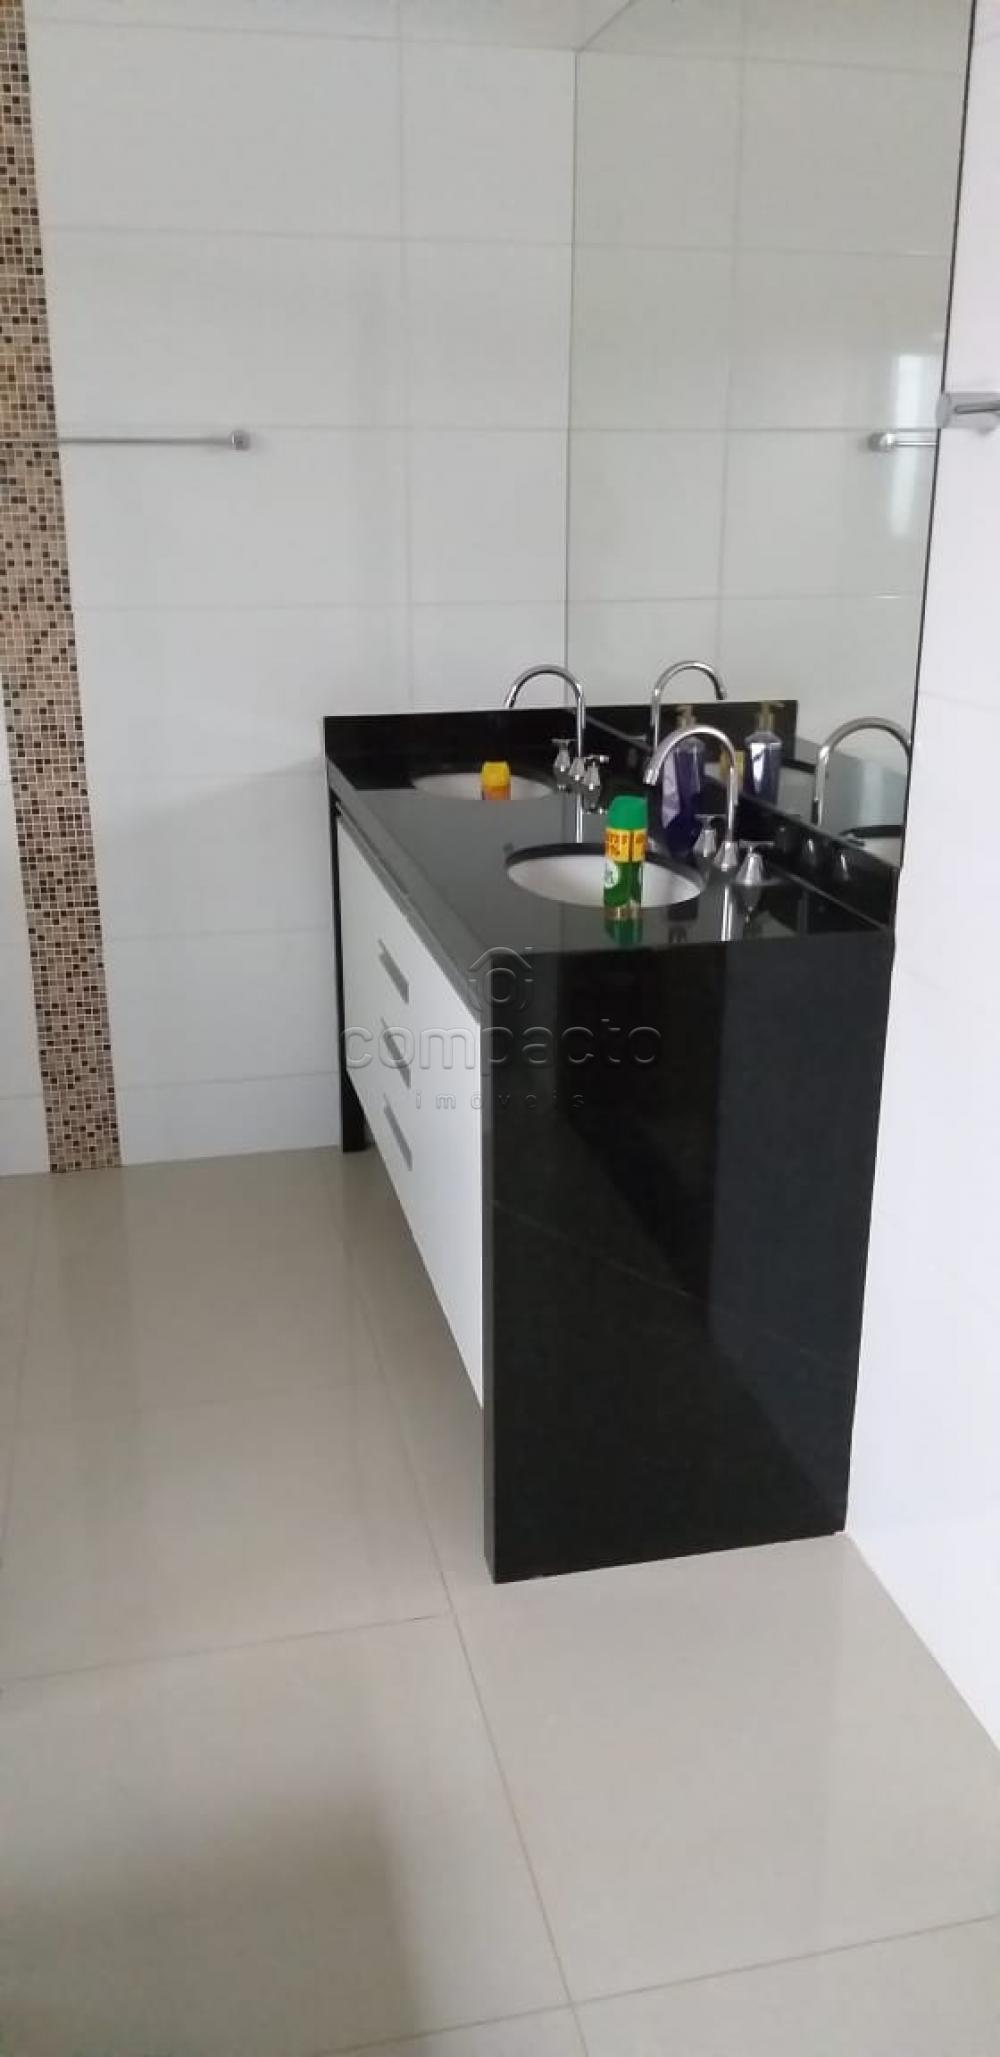 Comprar Casa / Condomínio em São José do Rio Preto apenas R$ 900.000,00 - Foto 12